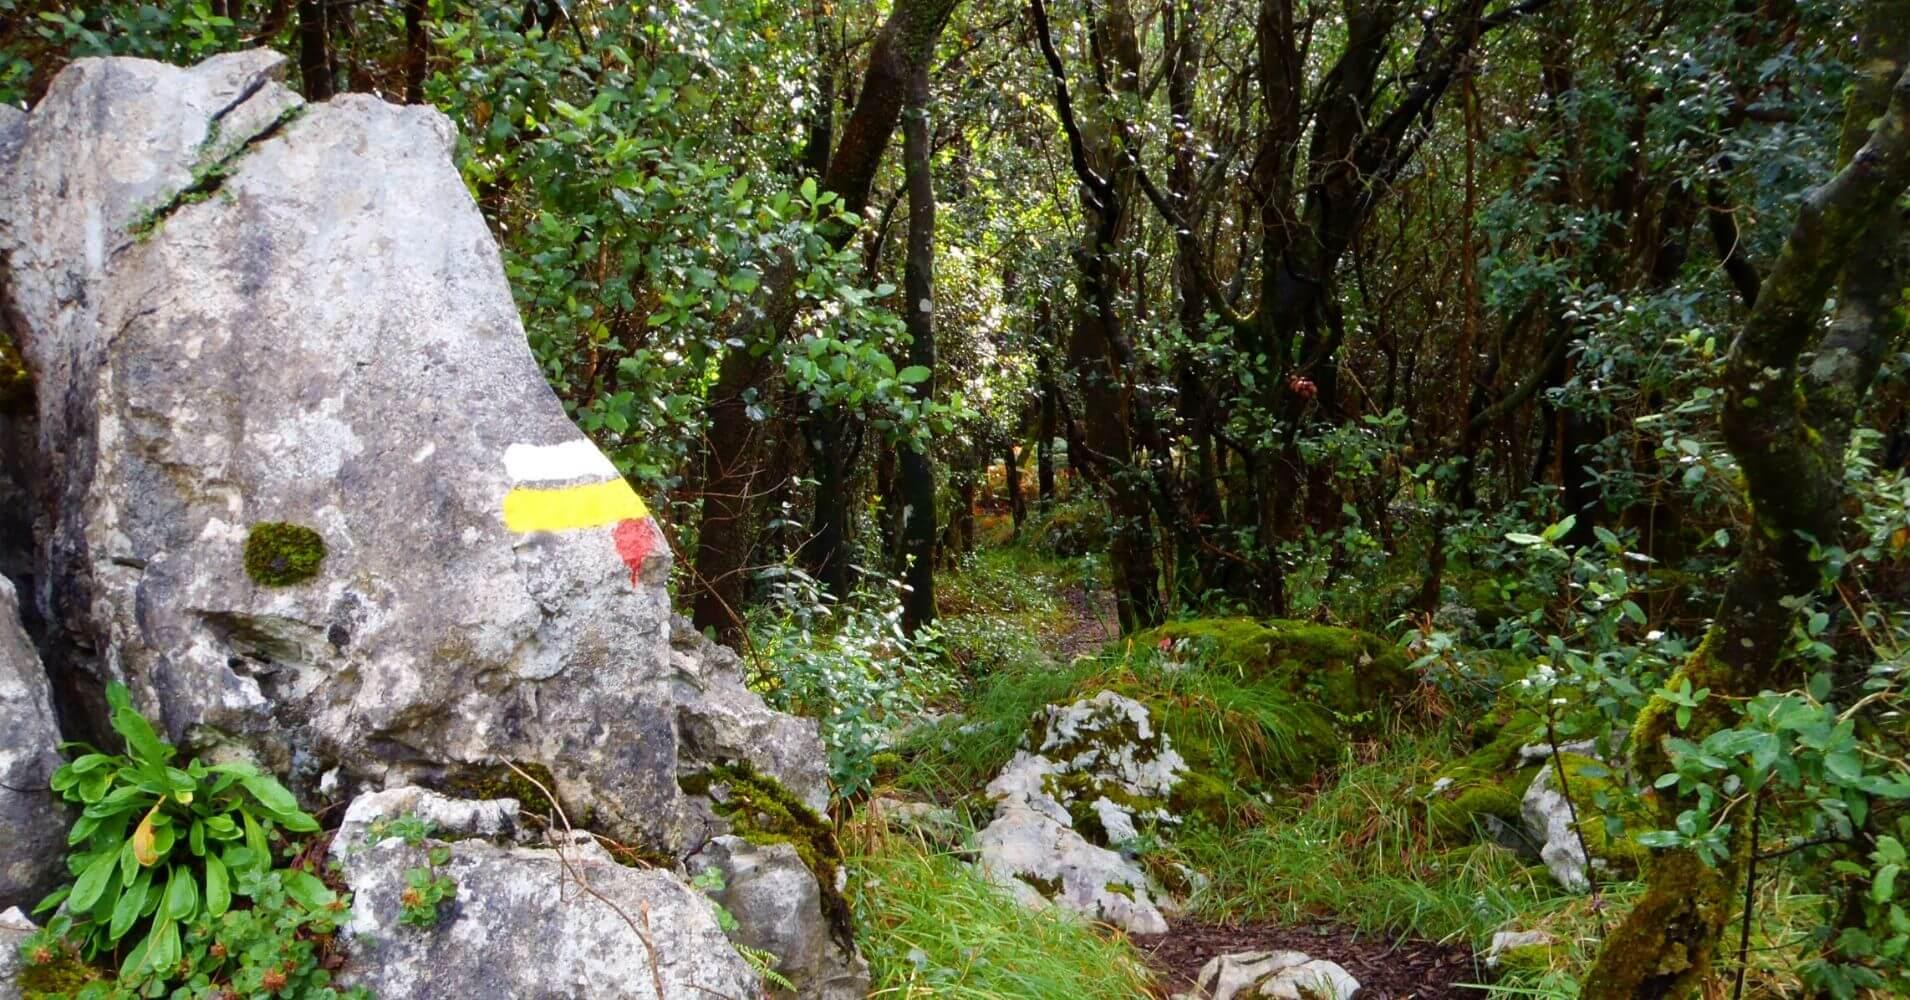 Sendero descenso de la vía, Ramales de la Victoria. Cantabria.